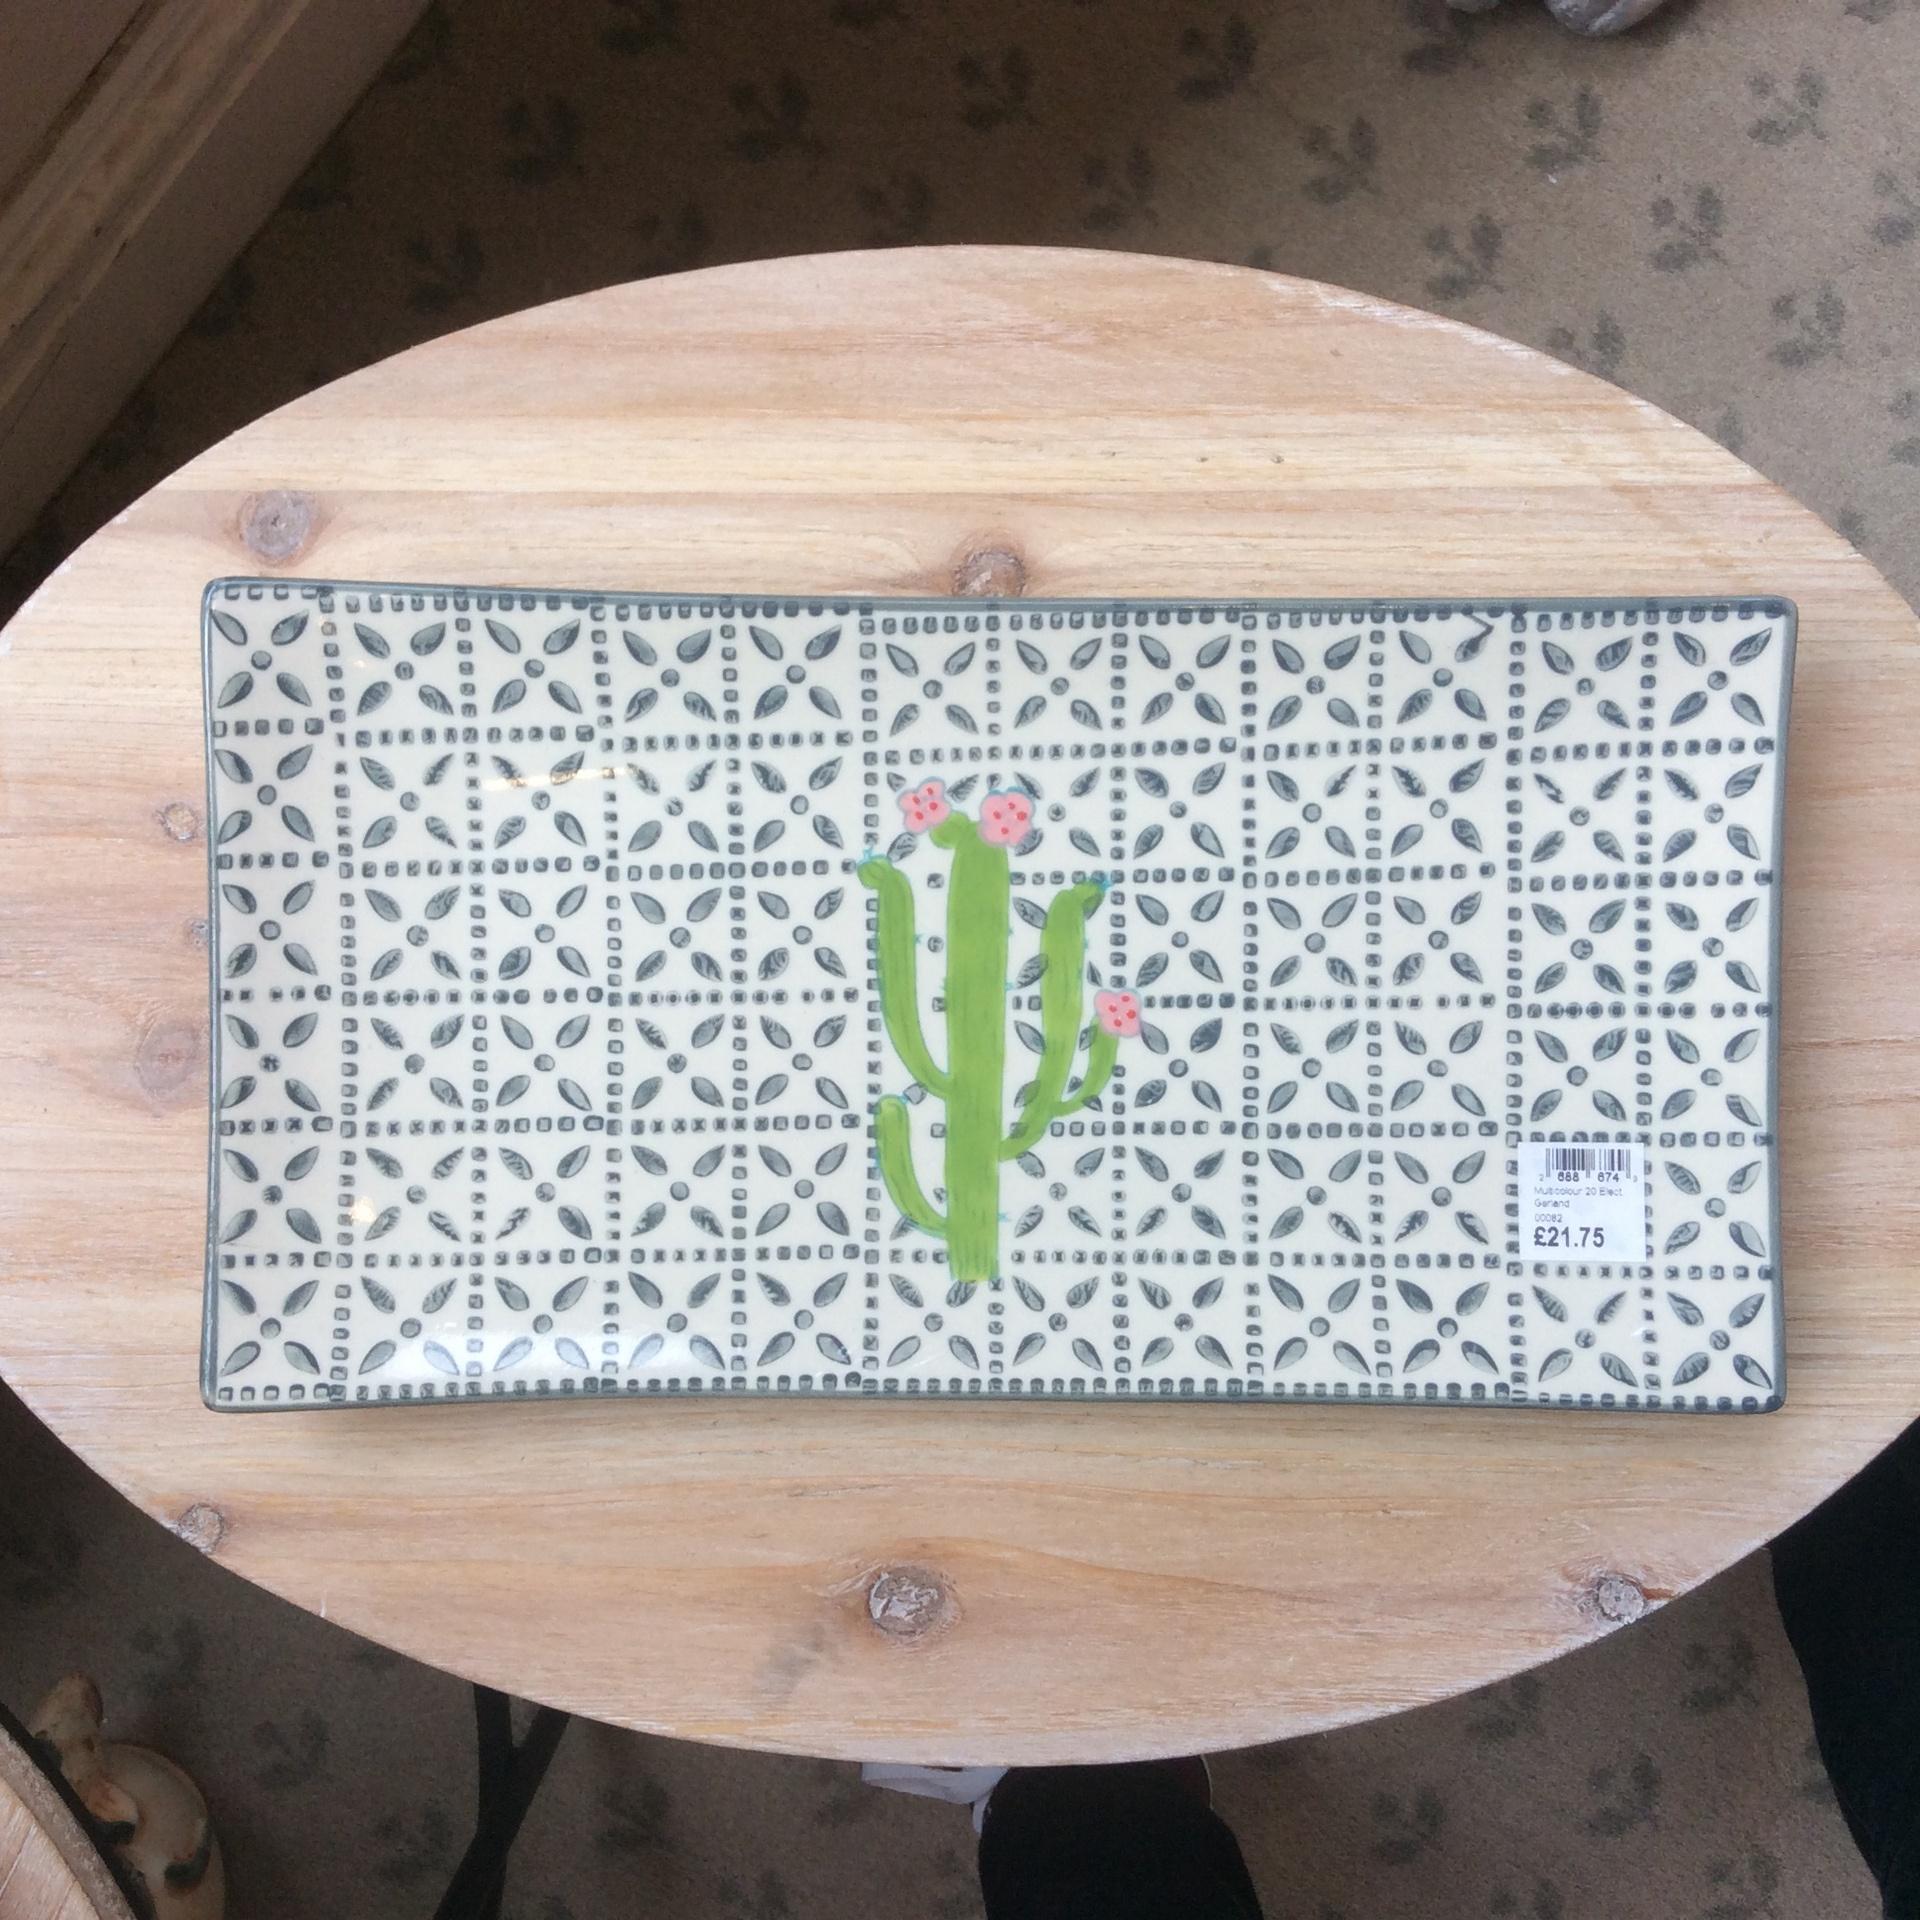 Ceramic Cactus Service Plate